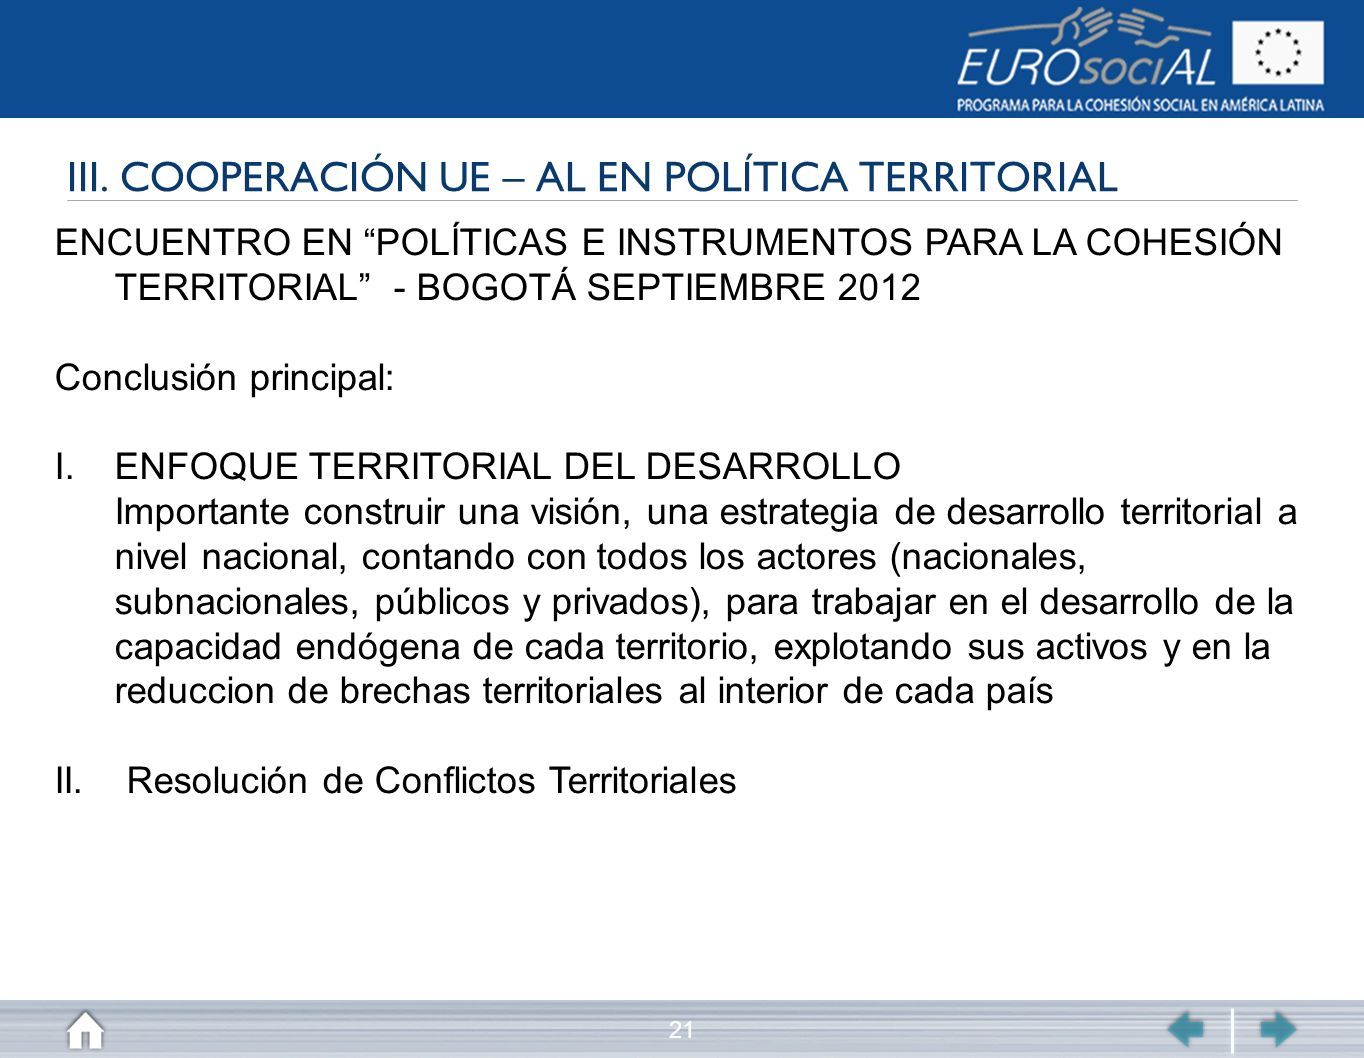 21 III. COOPERACIÓN UE – AL EN POLÍTICA TERRITORIAL ENCUENTRO EN POLÍTICAS E INSTRUMENTOS PARA LA COHESIÓN TERRITORIAL - BOGOTÁ SEPTIEMBRE 2012 Conclu